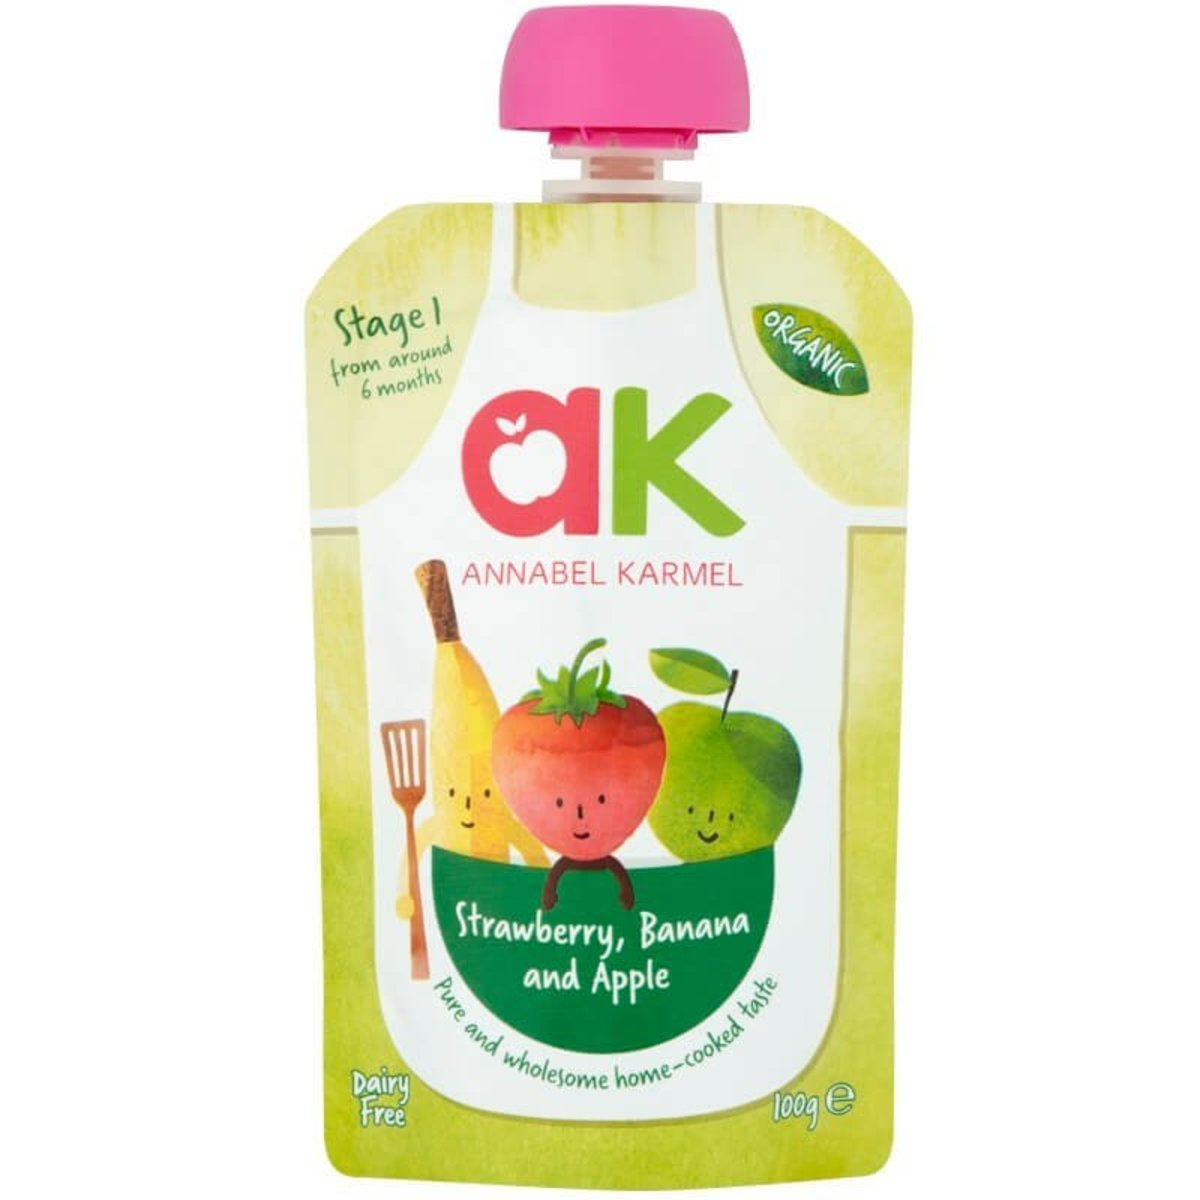 有機糊仔  (草莓,香蕉和蘋果) 100g|適合6個月以上嬰兒食用 嬰兒食品